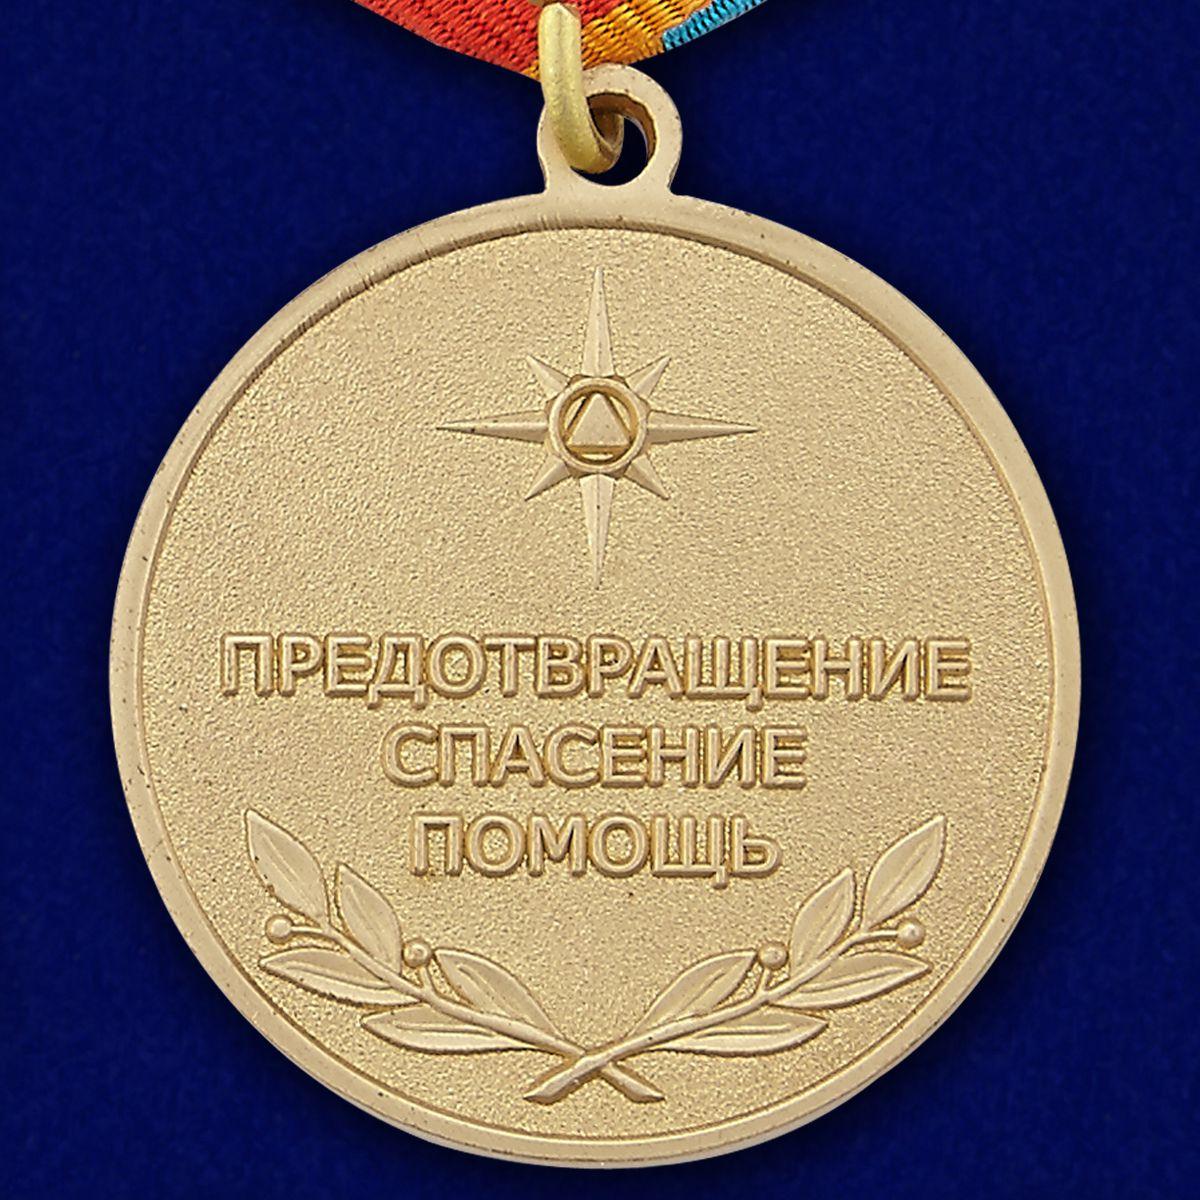 Юбилейная медаль МЧС России 25 лет - оборотная сторона